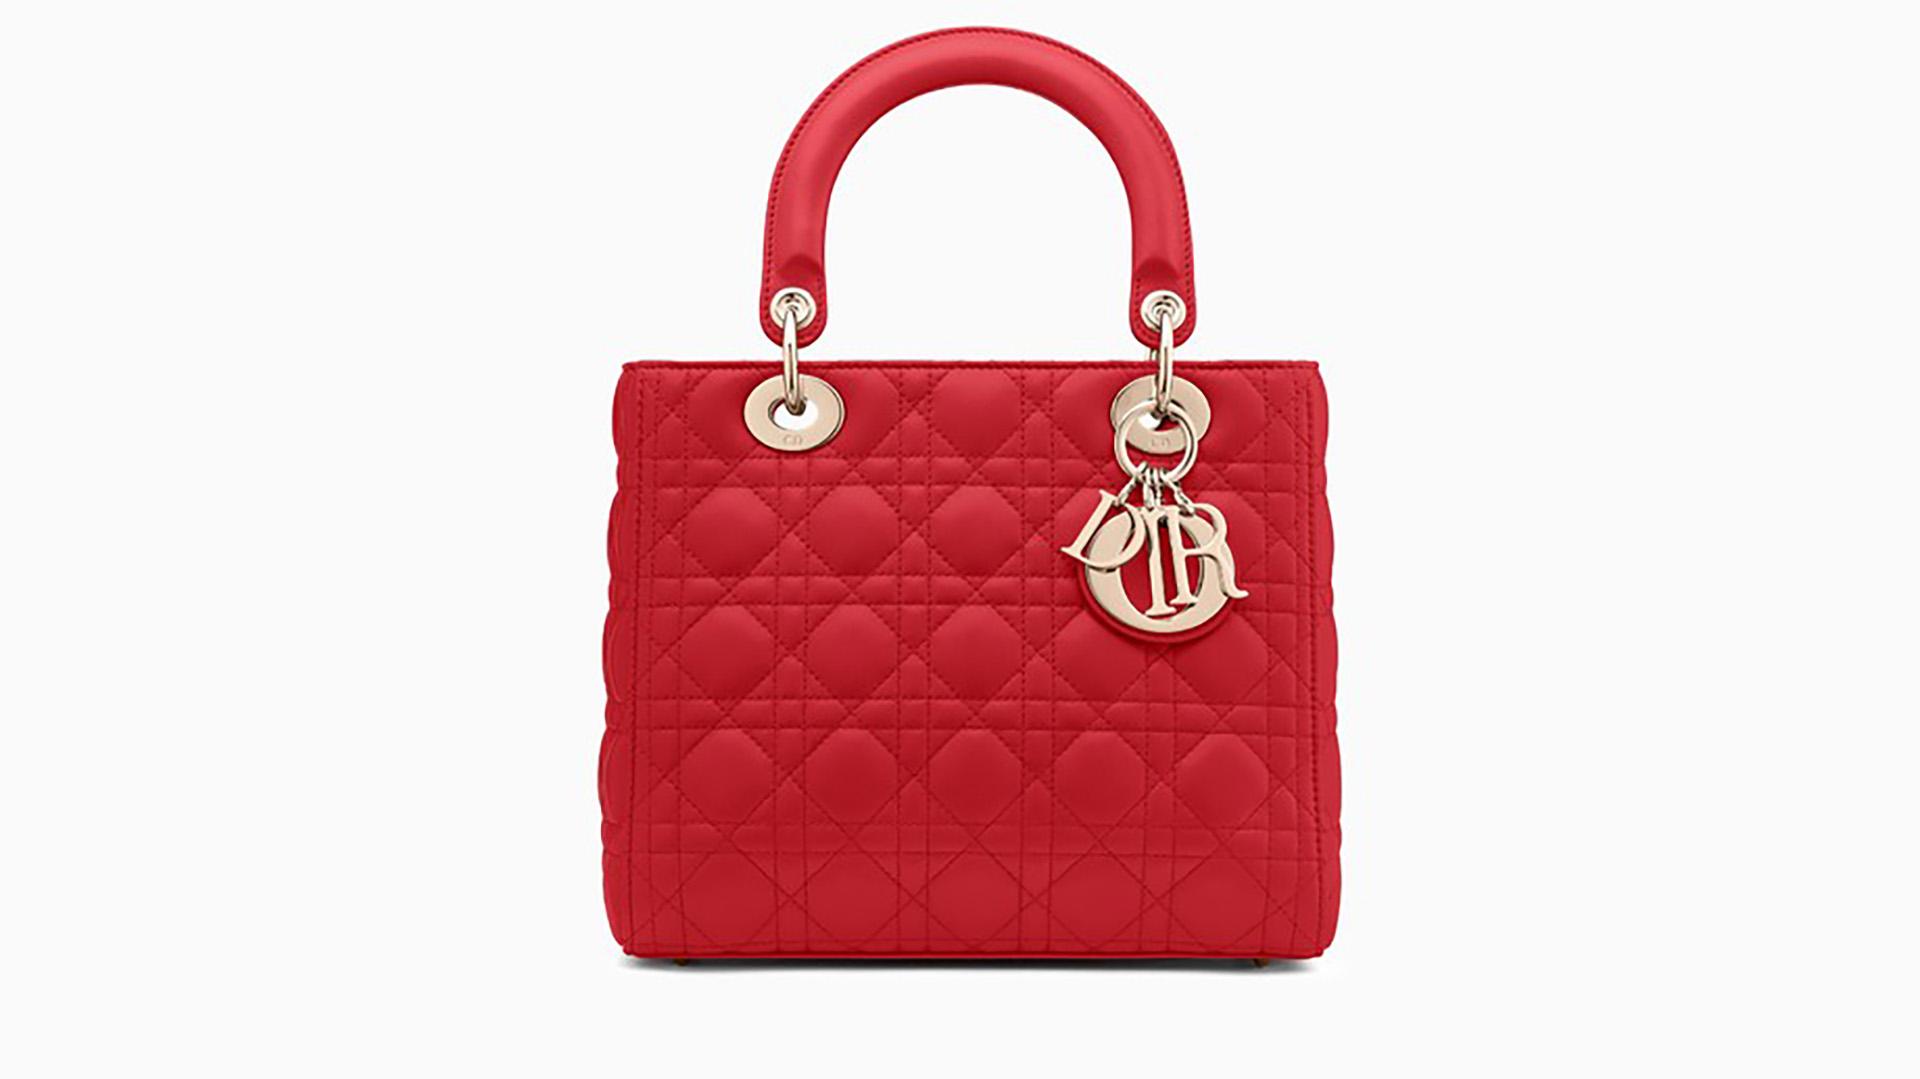 """La """"Lady Dior"""" de la firma francesa ya es un ícono de la moda. Este diseño era uno de los más usados por Lady Di y se popularizó en los noventa. Confeccionado en piel de cordero roja tiene las terminaciones en joyería de metal dorado y con doble correa para también poder usarla al hombro. Este bolso tiene dos versiones mas pequeñas, una """"medium"""" y la """"mini Lady Dior"""" (Dior)"""